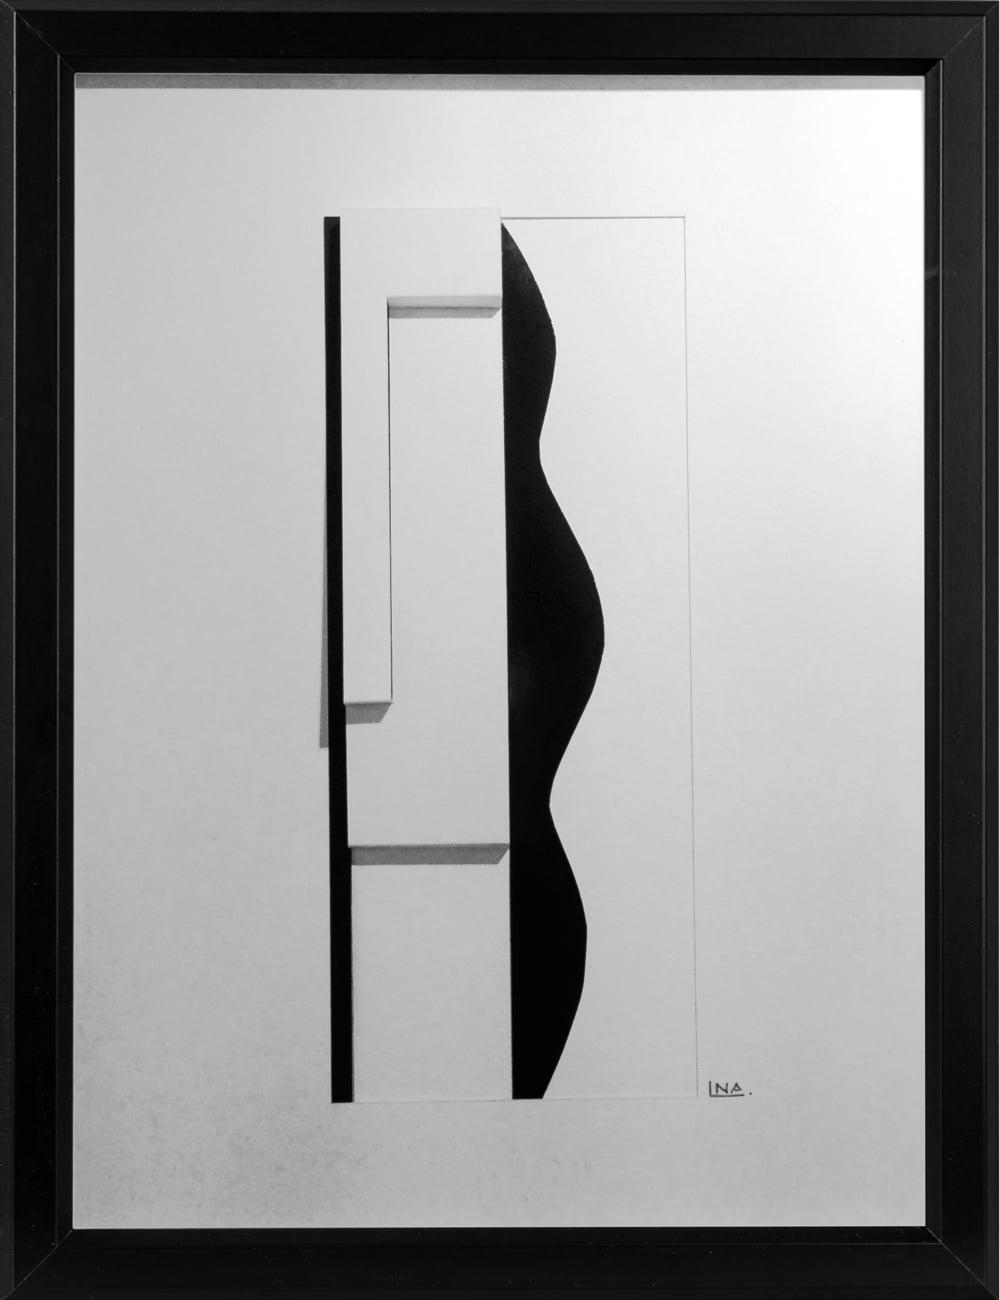 Nanou Autin, Volumes, Pepita, Papiers pliés, encre de chine 35 X 24cm - 2015